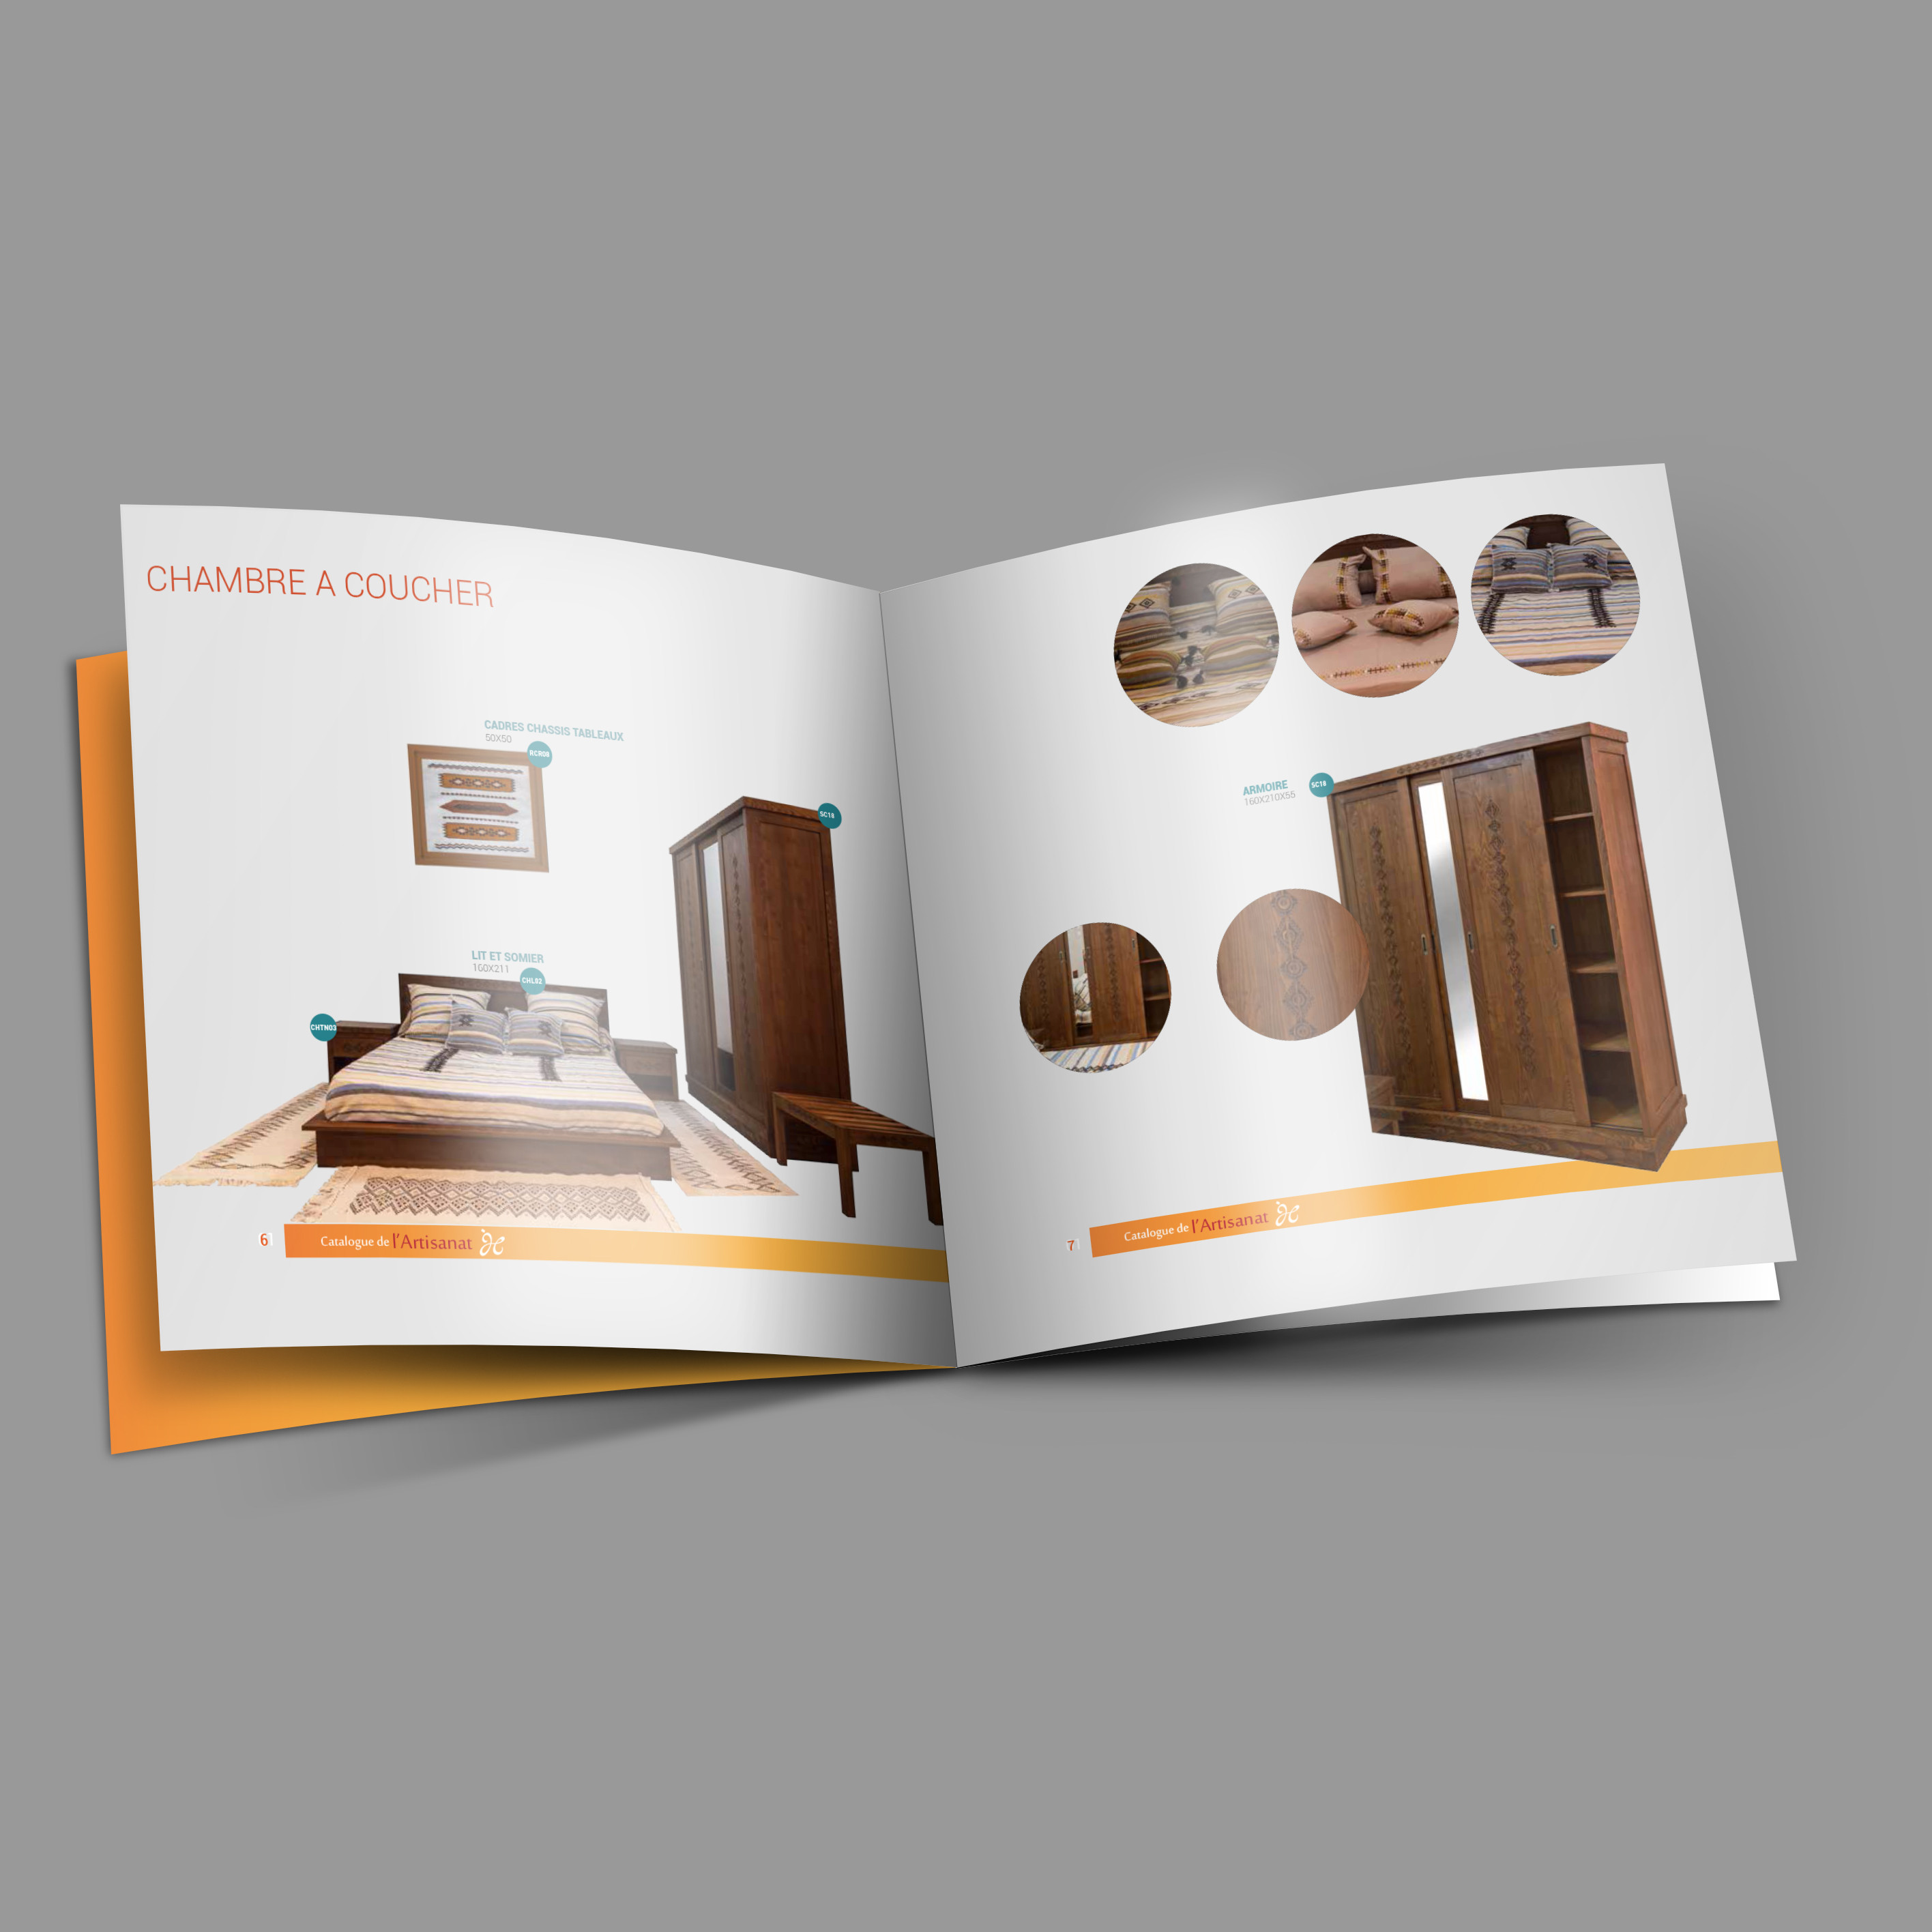 Catalogue pour la chambre de l'artisanat